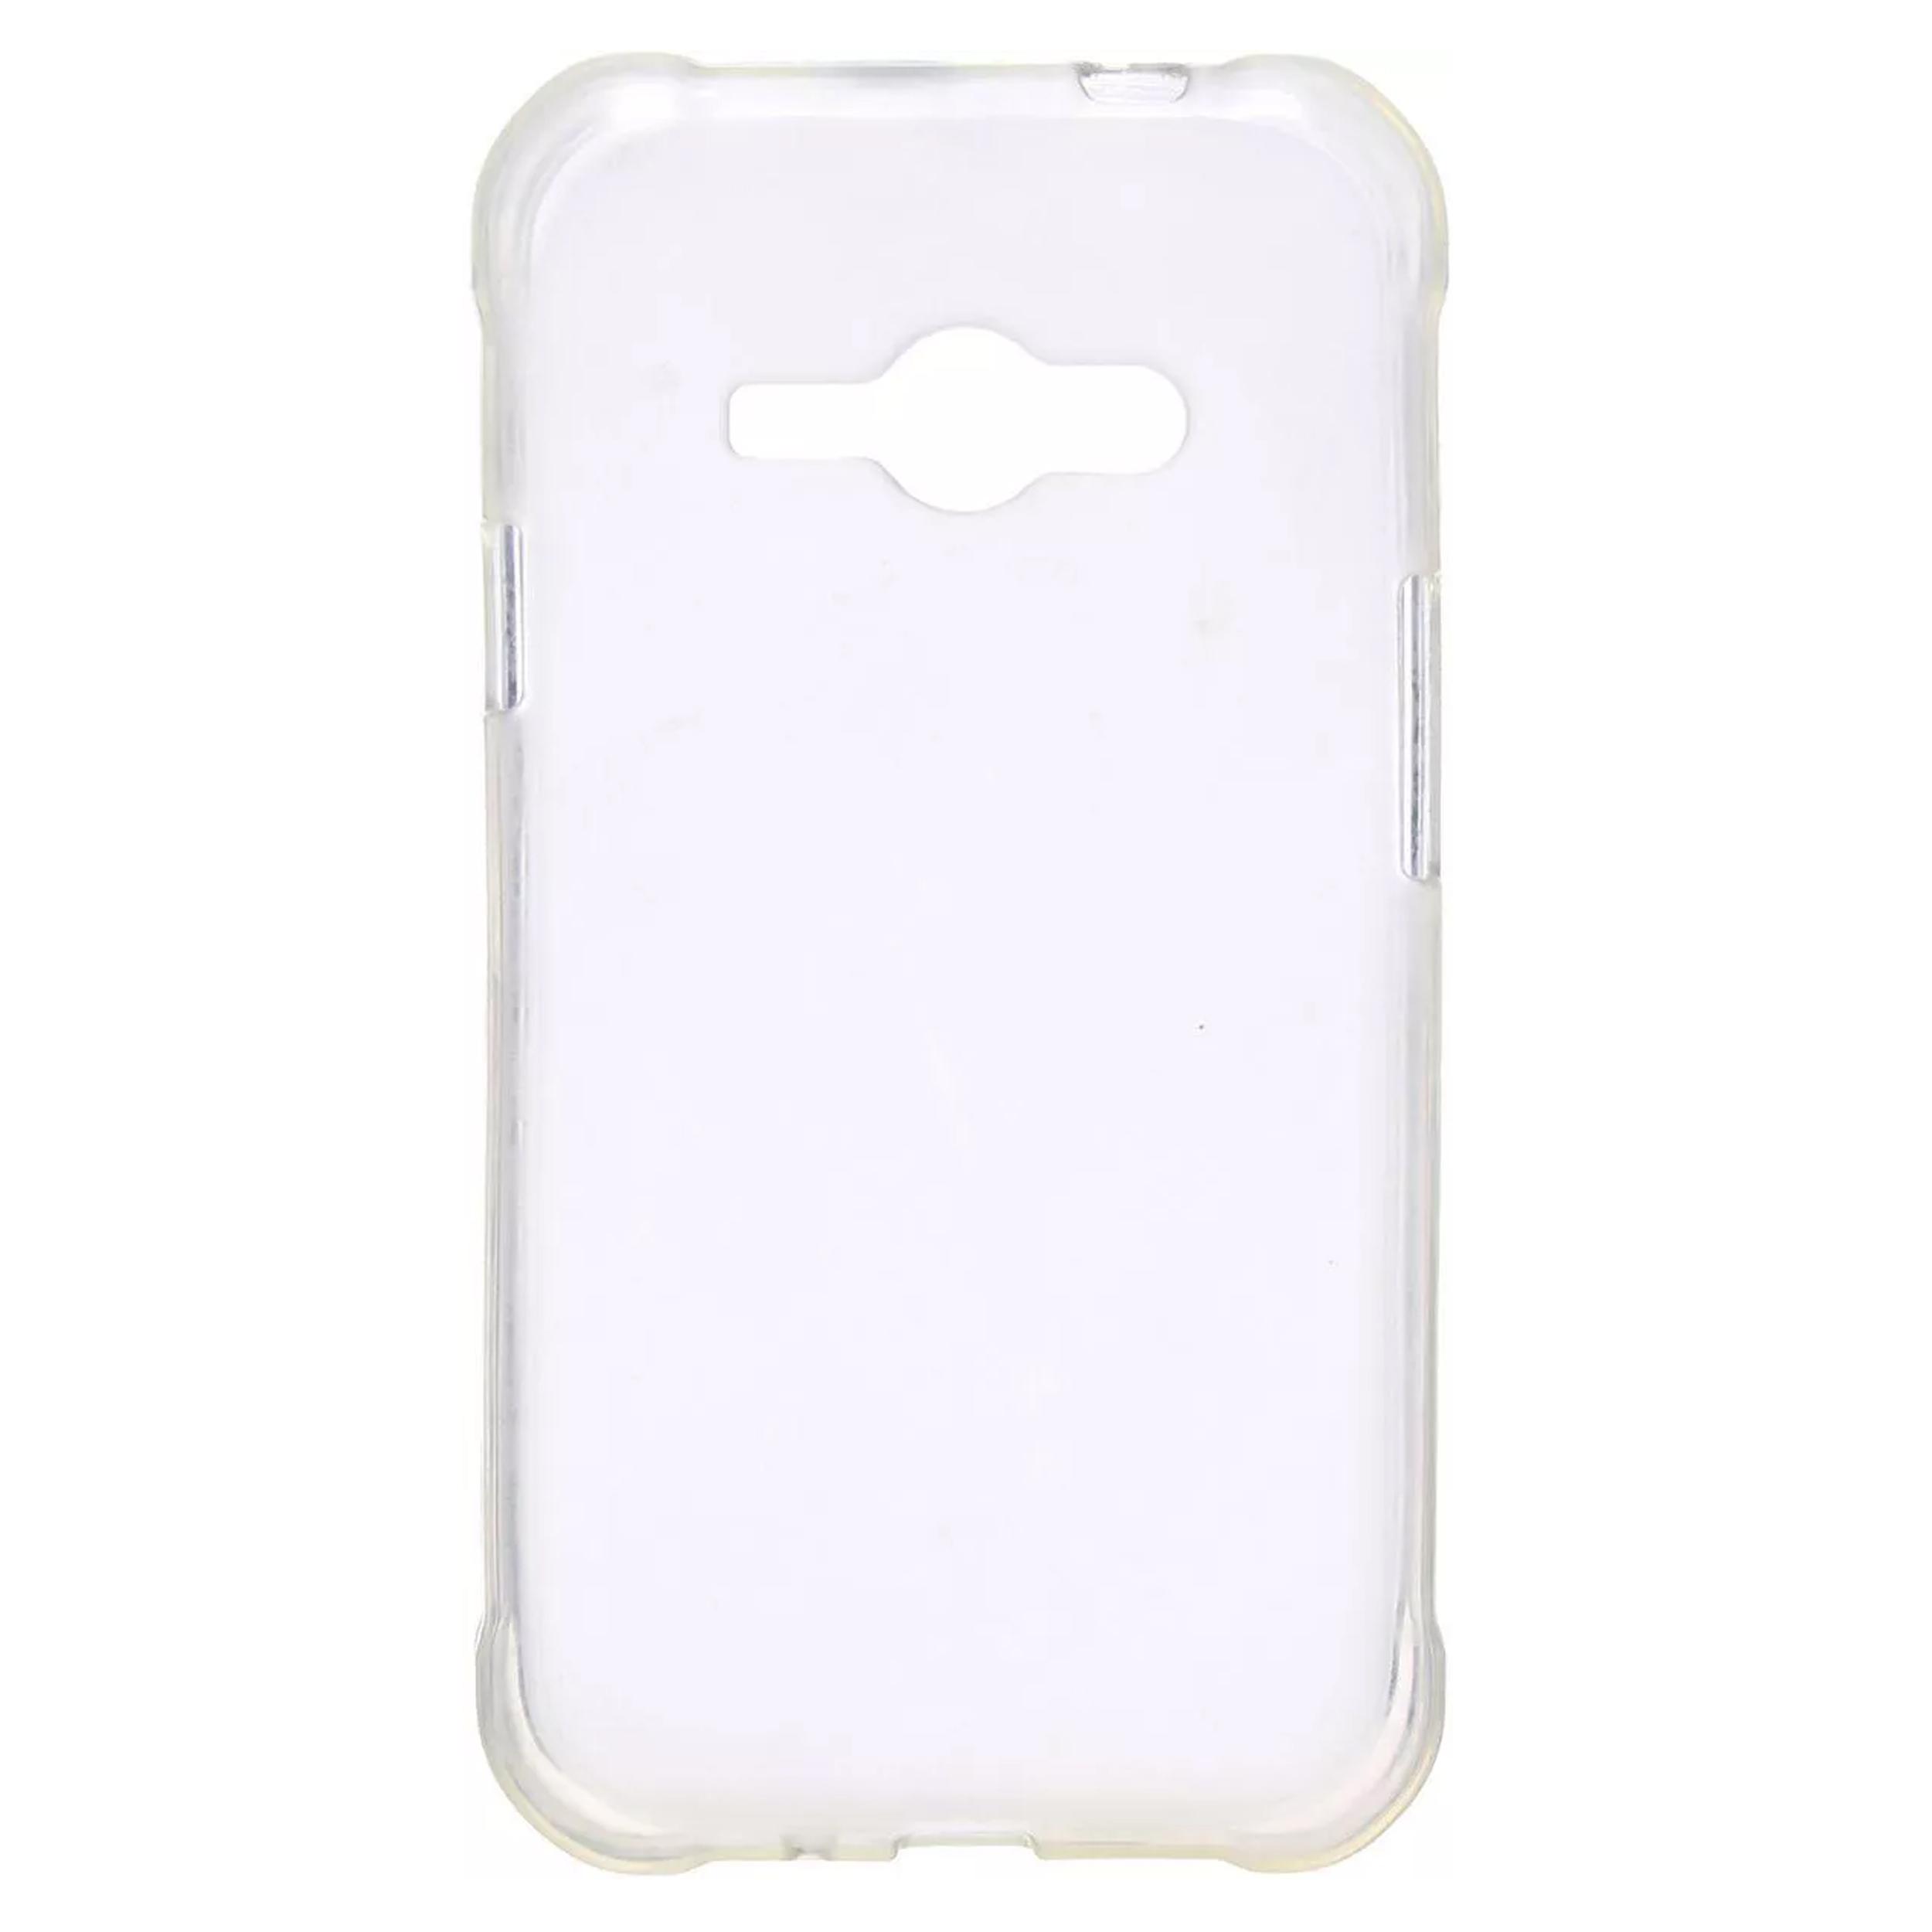 کاور مدل CLR-001 مناسب برای گوشی موبایل سامسونگ Galaxy J1 Ace              ( قیمت و خرید)